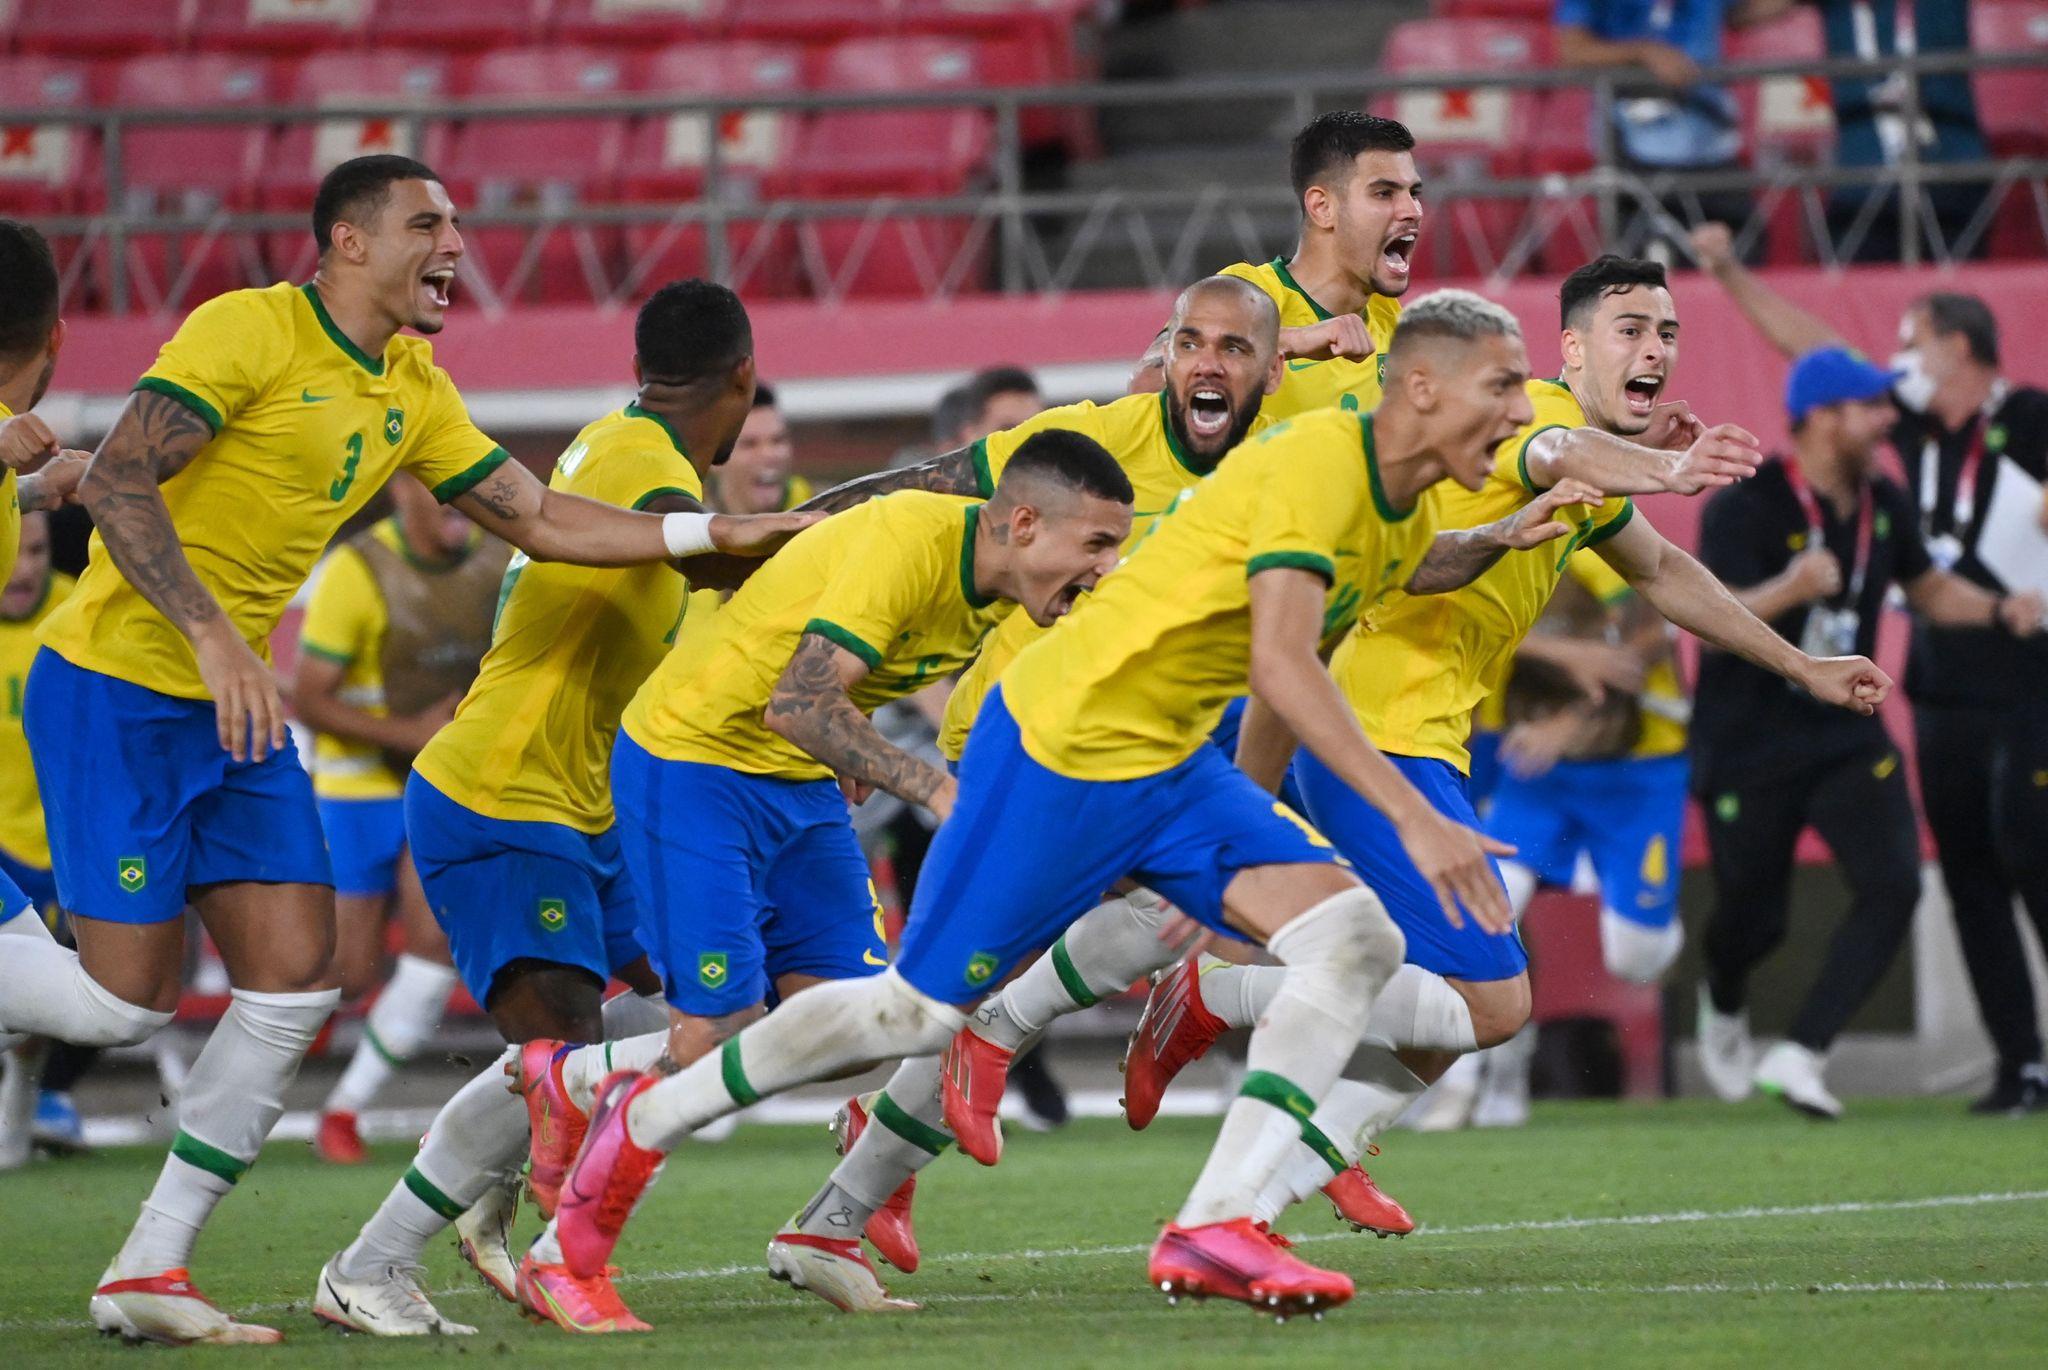 Brasil til OL-finale etter straffedrama - møter Spania i finalen